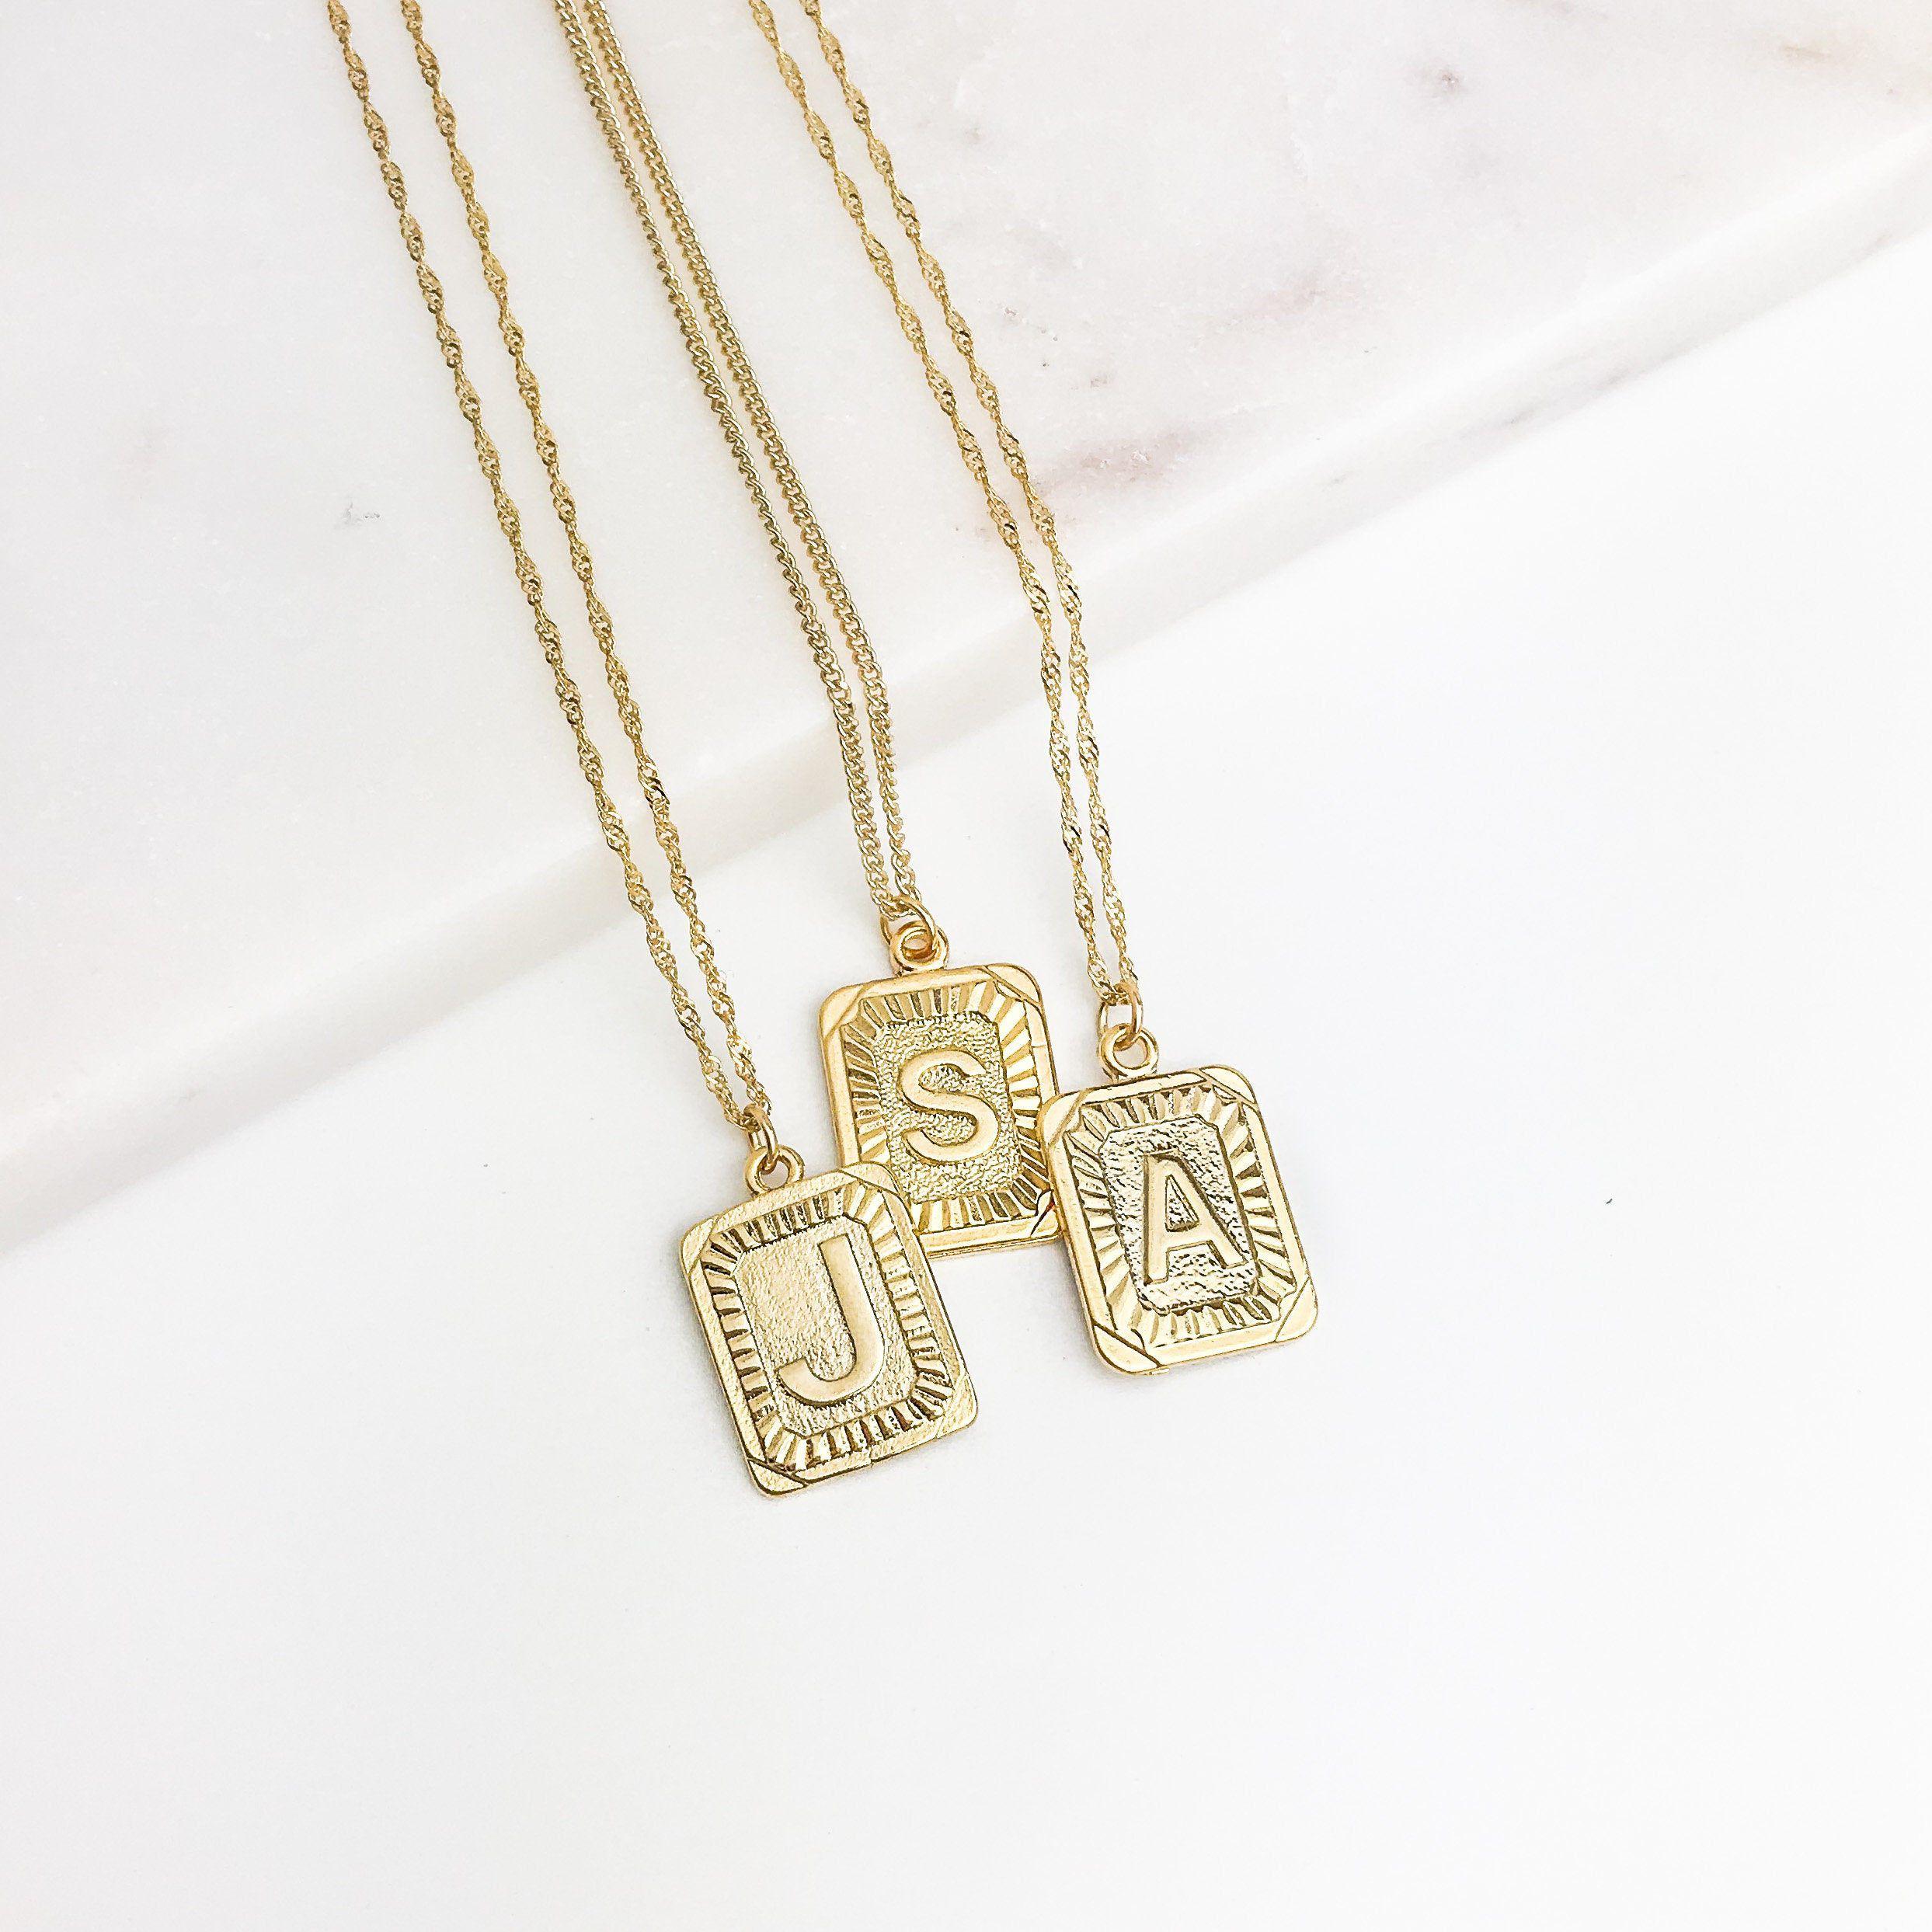 nostalgia coin necklace set